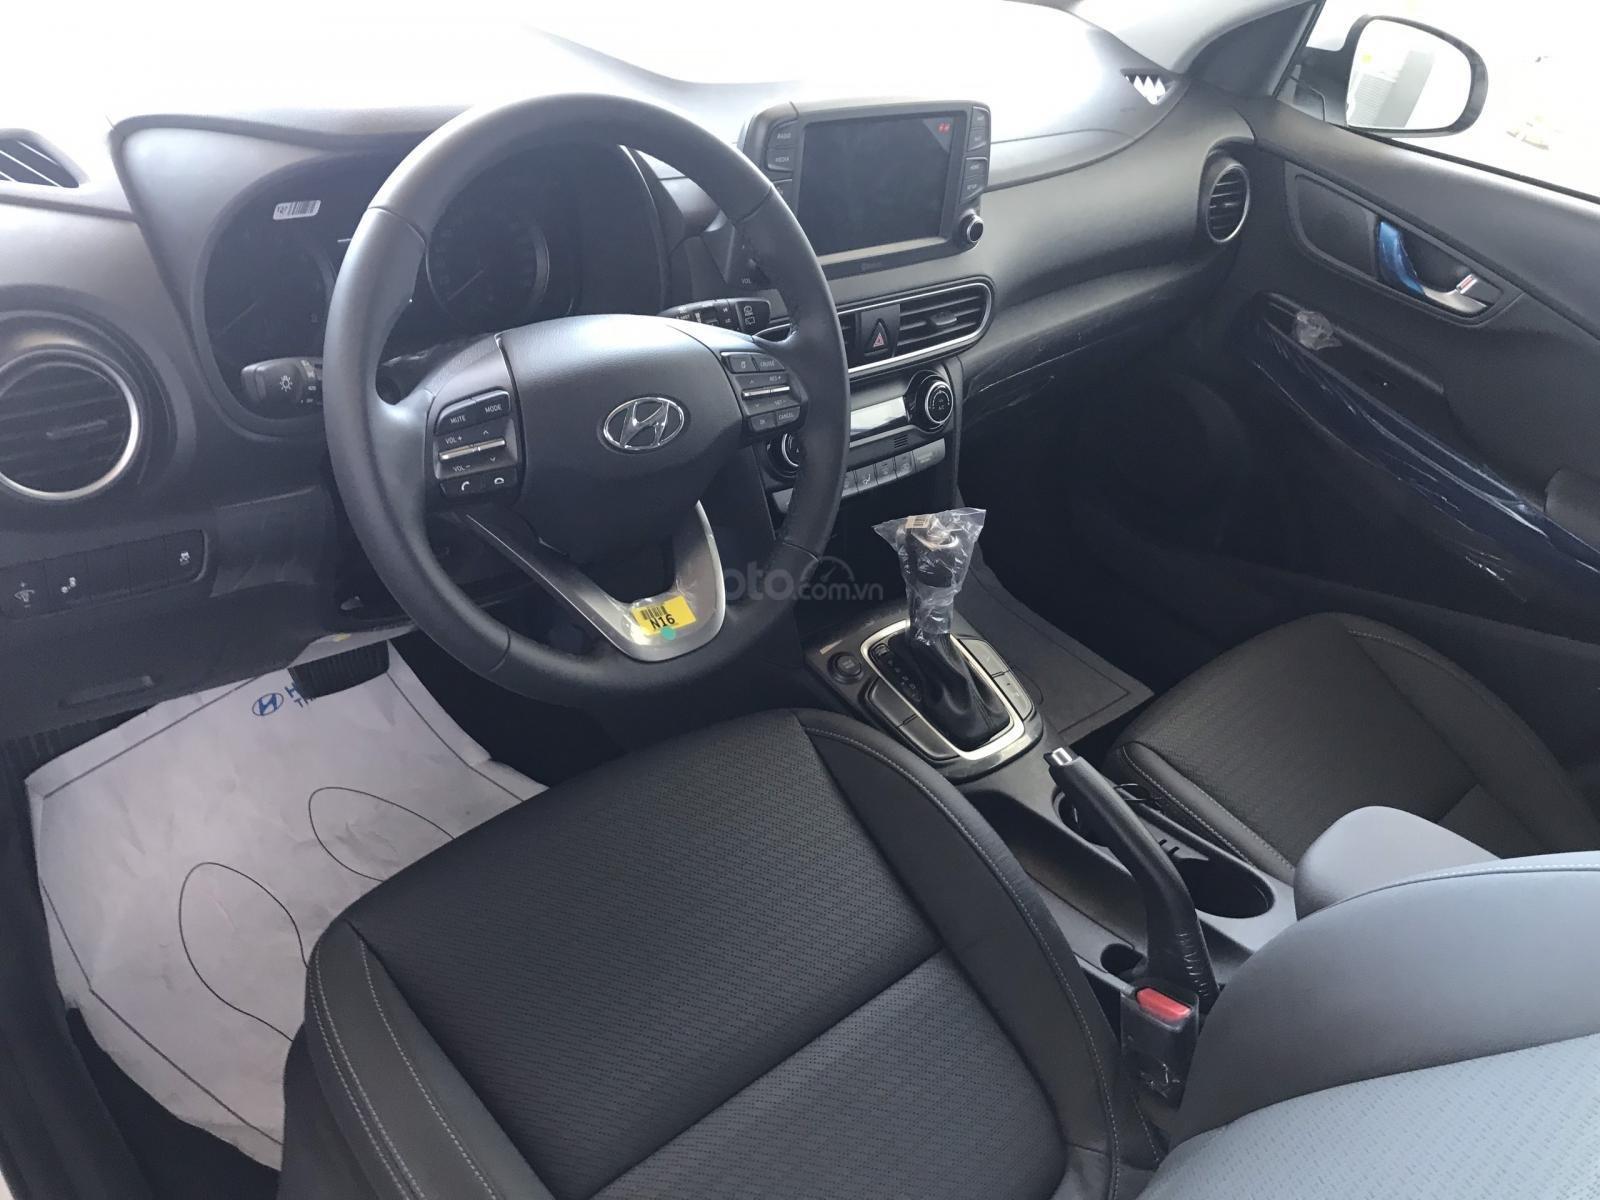 Cần bán Hyundai Kona 2019, tặng ngay 3 món phụ kiện khi đặt cọc xe, liên hệ: 0905976950 (5)